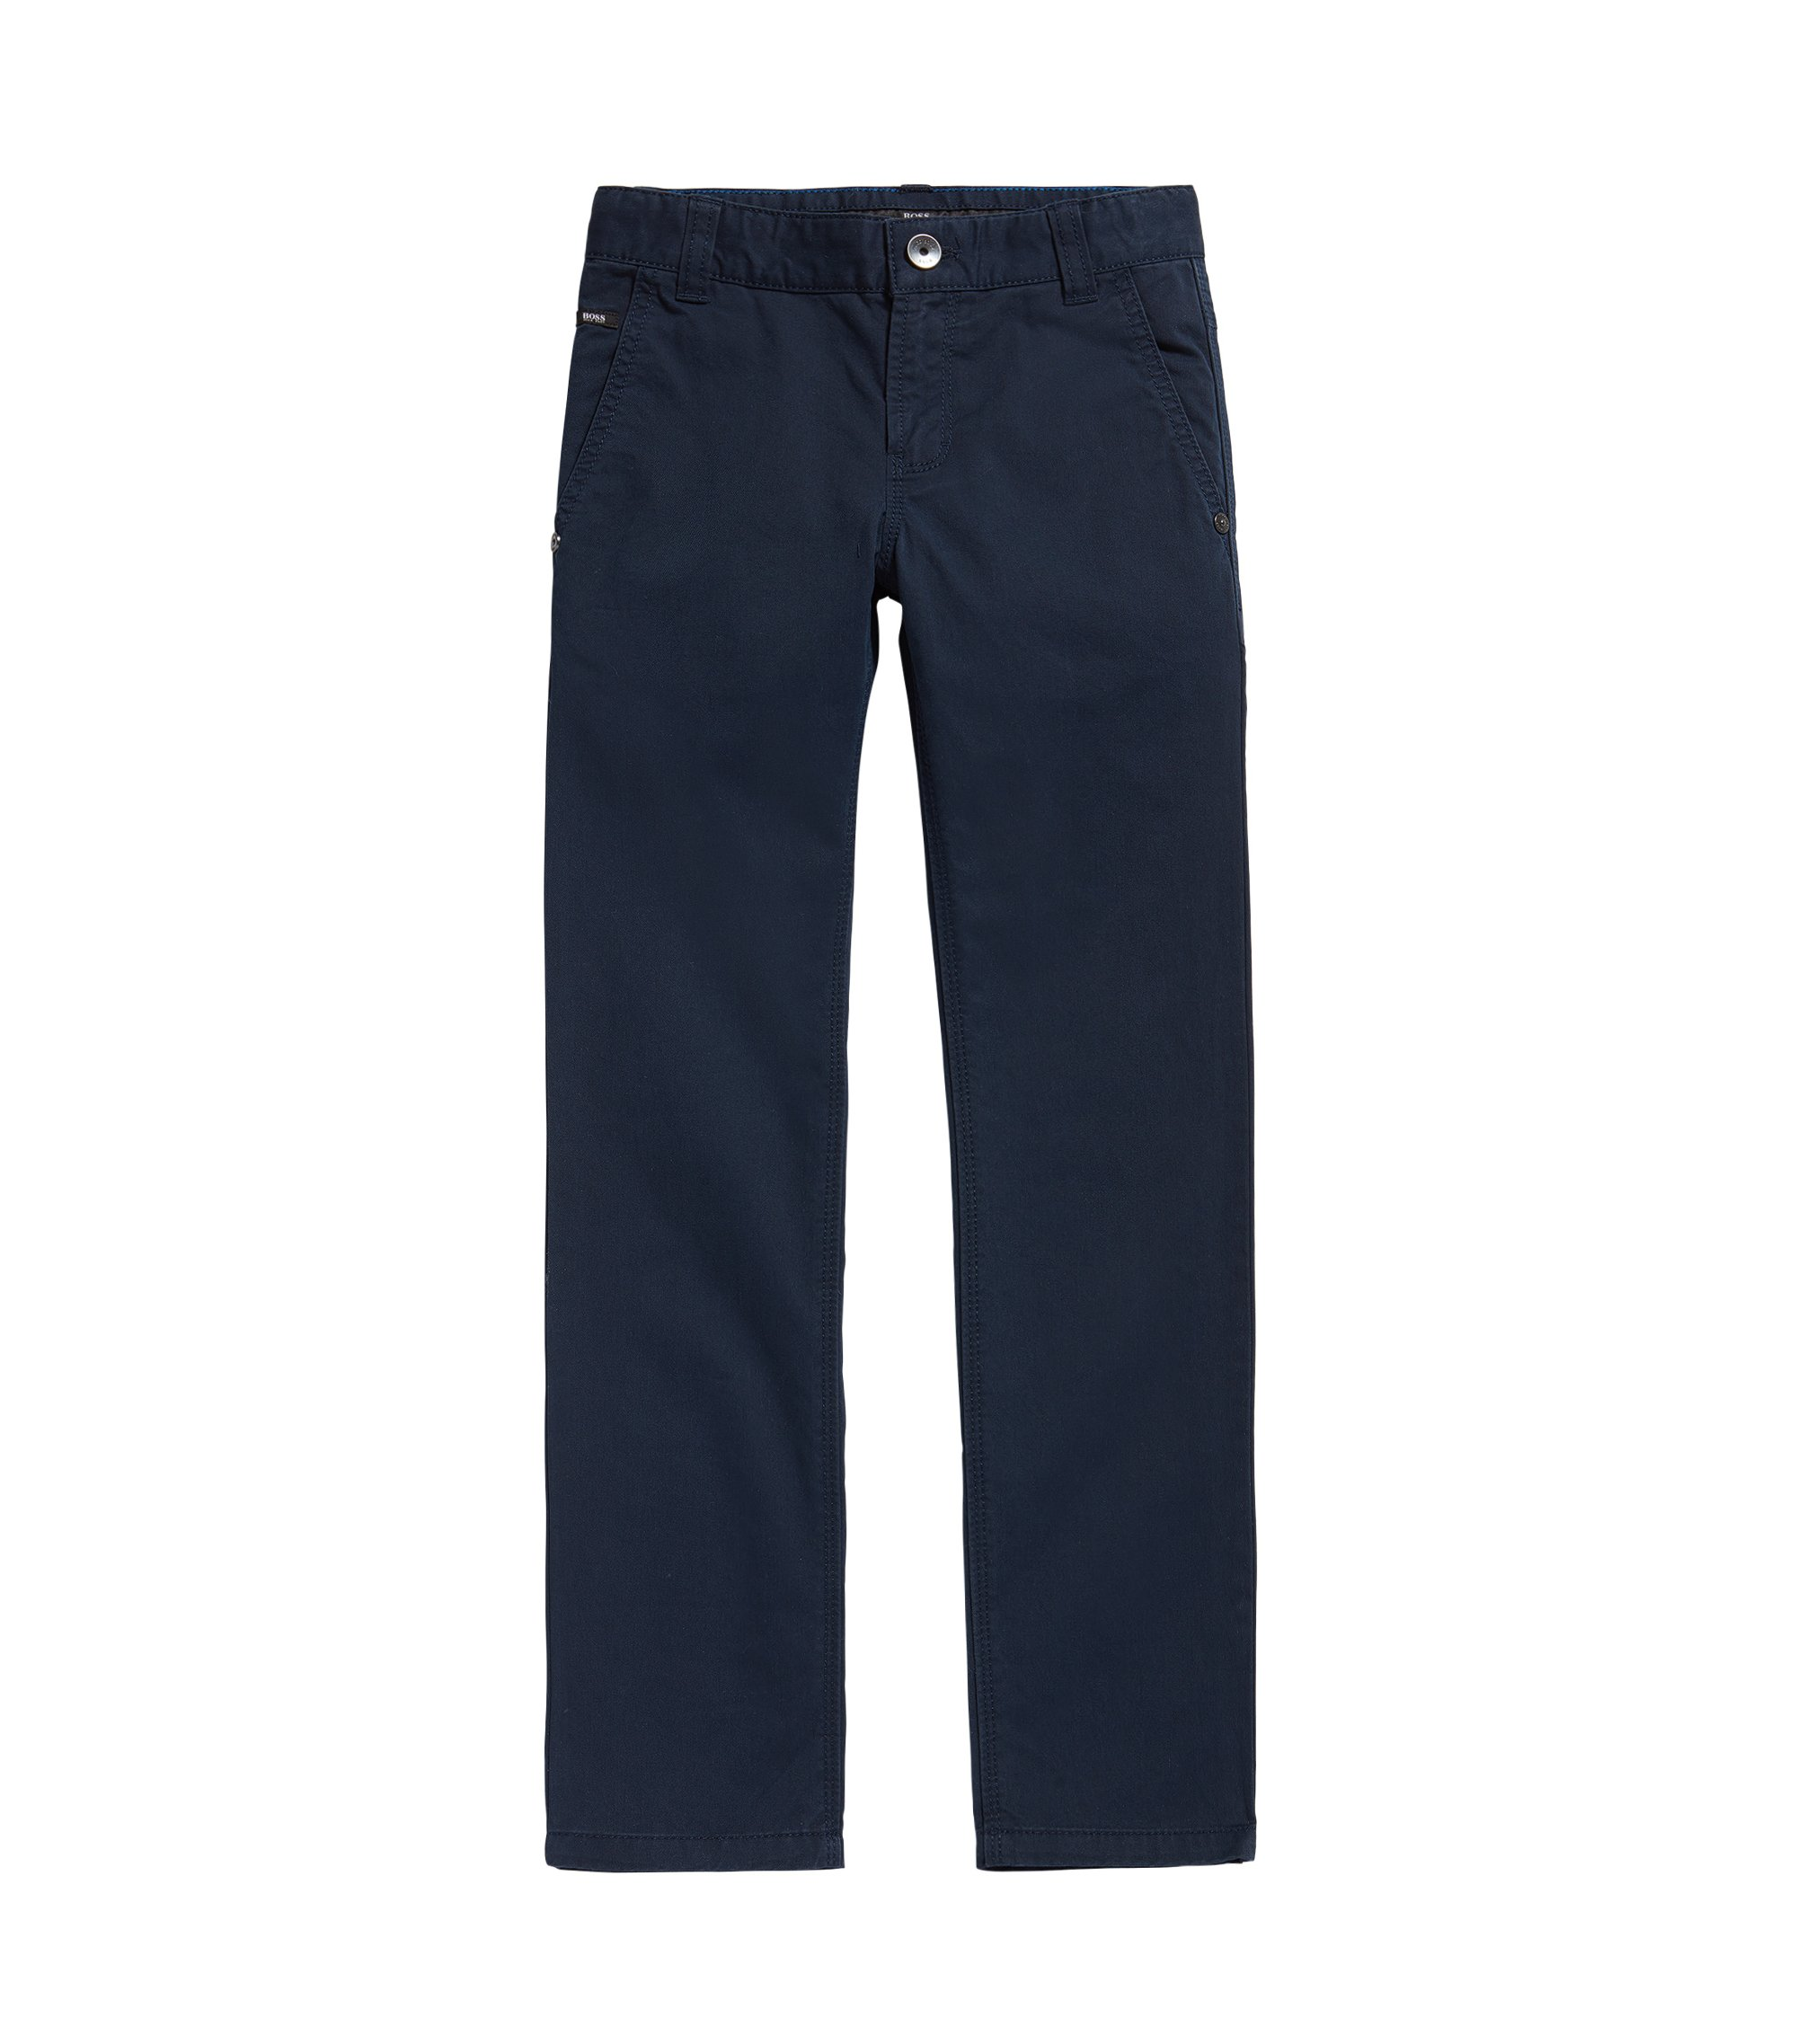 Pantalón para niño en algodón con diseño liso: 'J24418', Azul oscuro